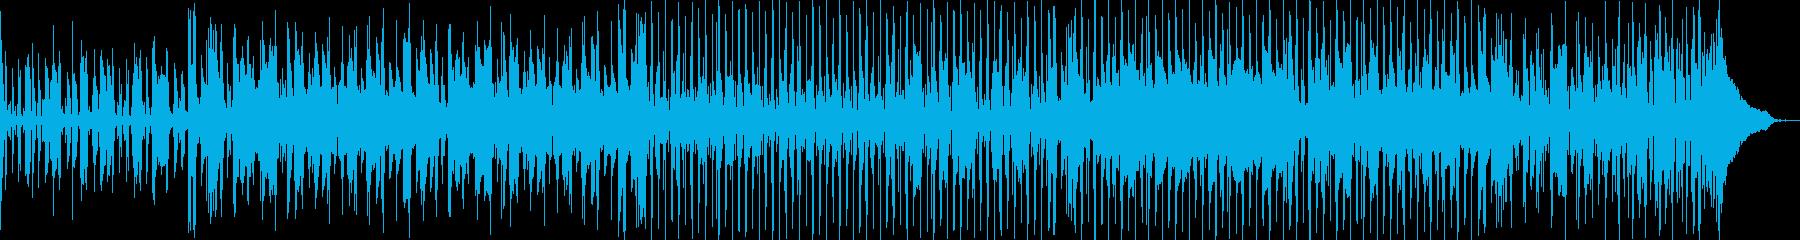 ベース、リードギター、エレクトリッ...の再生済みの波形